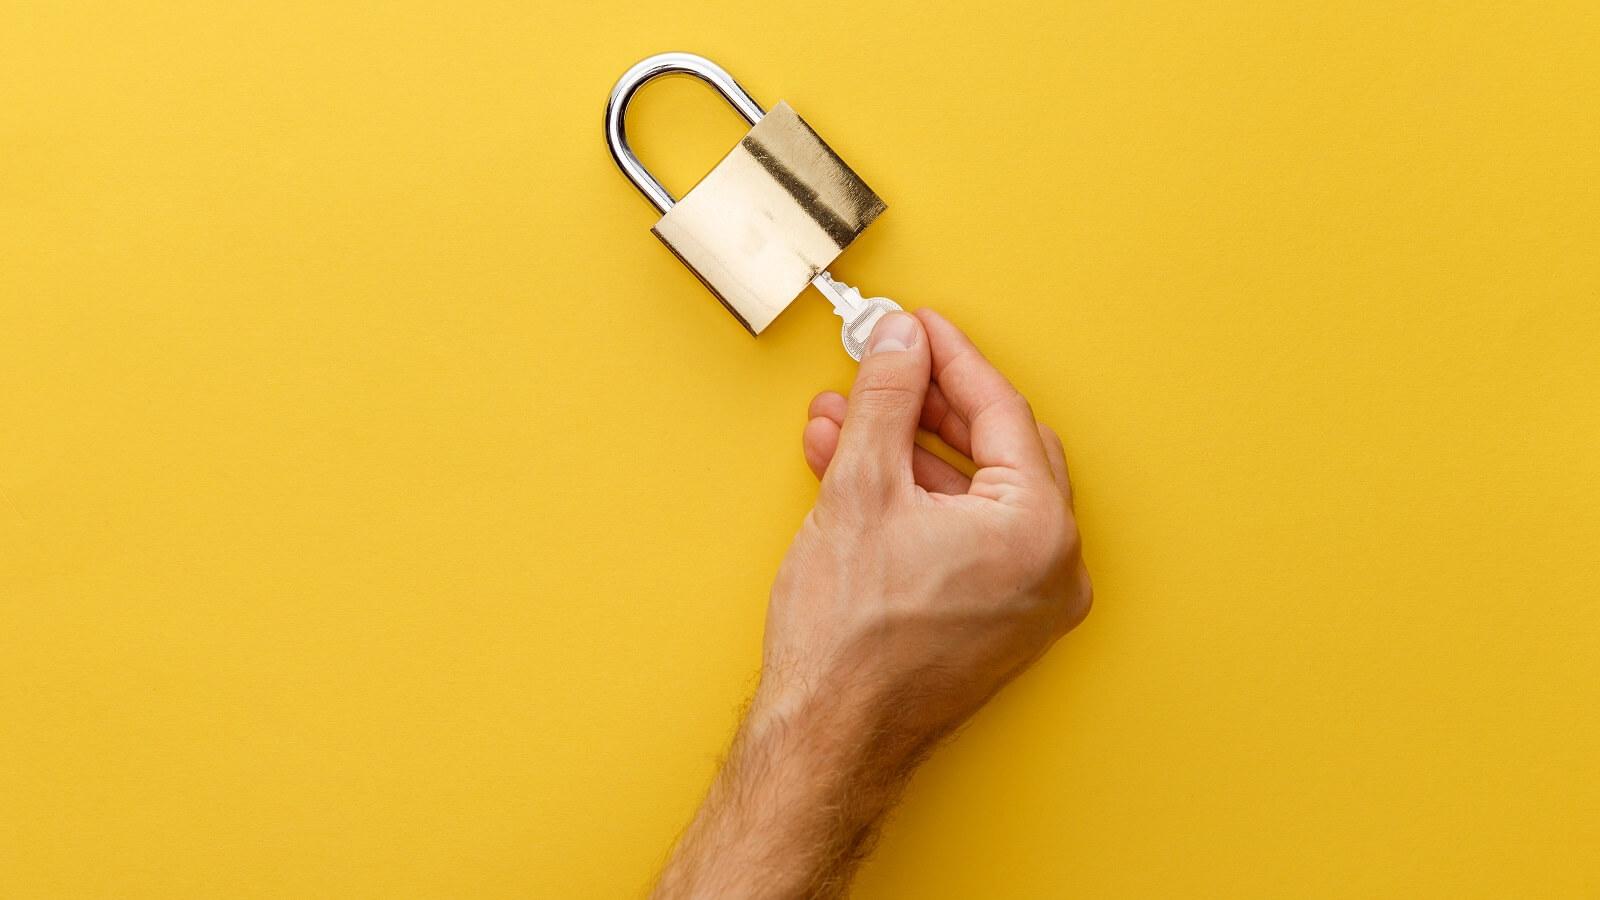 Надійність, конфіденційність, максимальний захист! - фото - mtb.ua